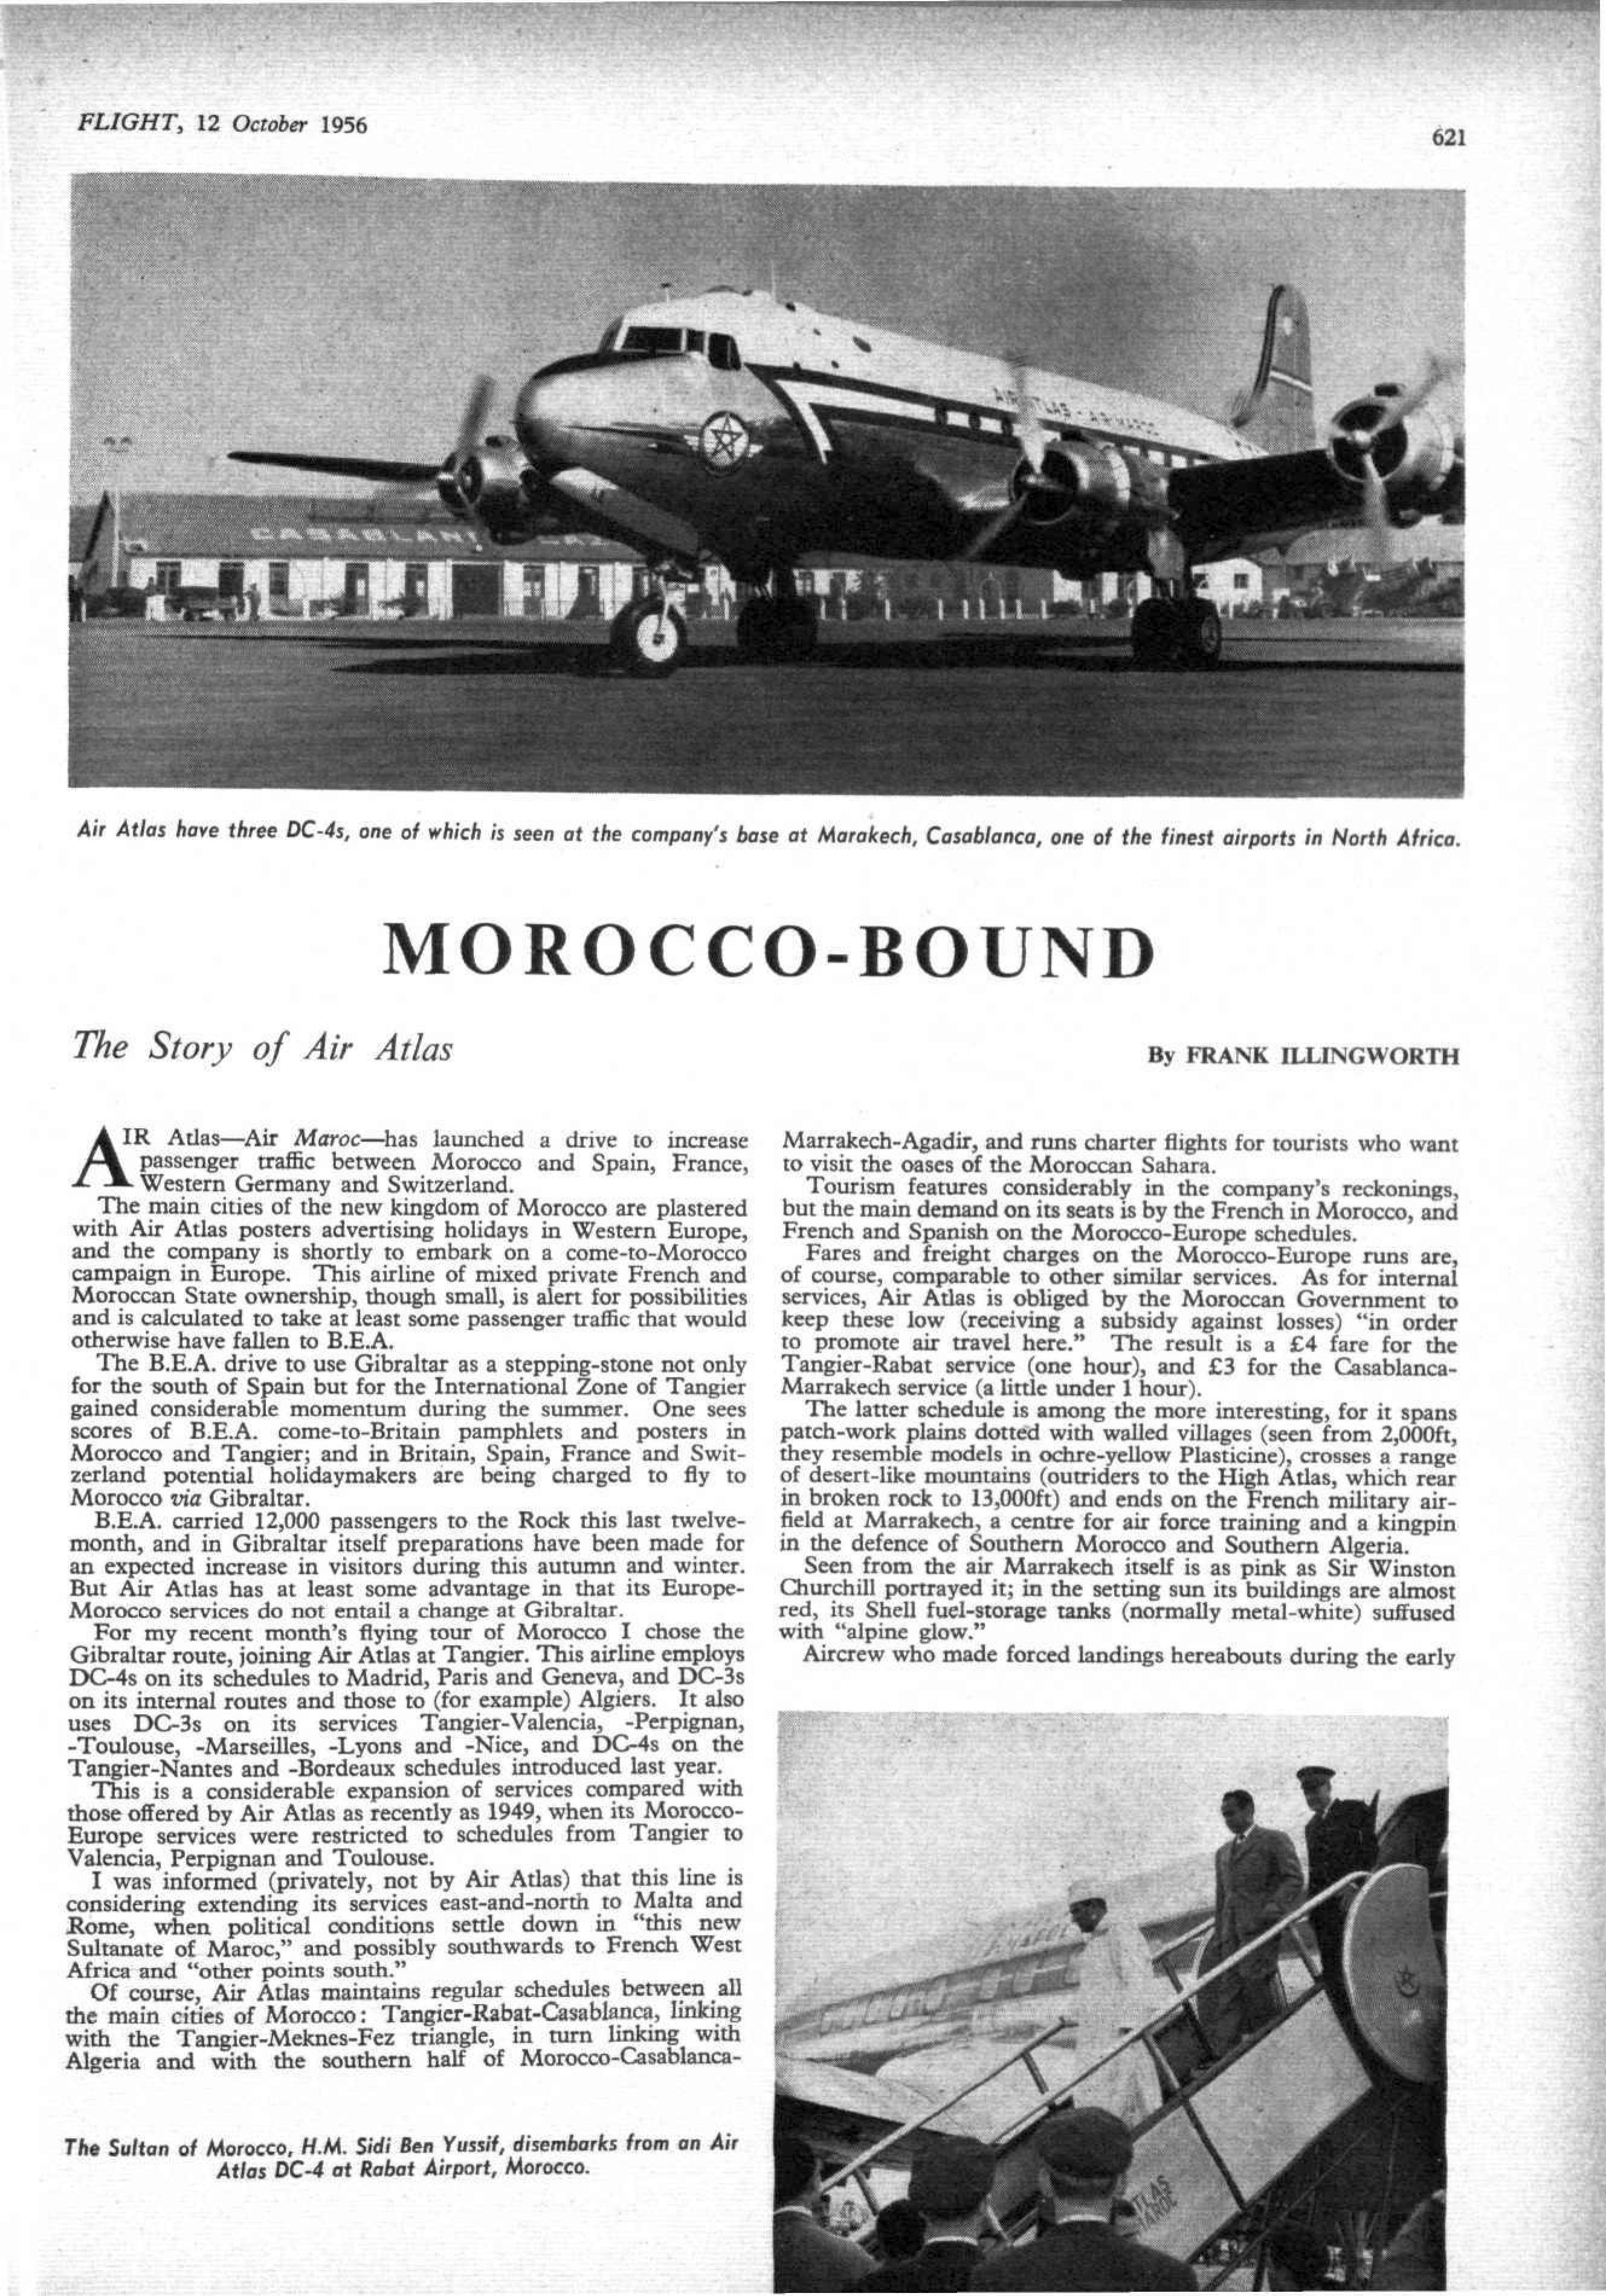 Air Atlas Air Maroc - 1953 à 1957 38870549602_7b05823cee_o